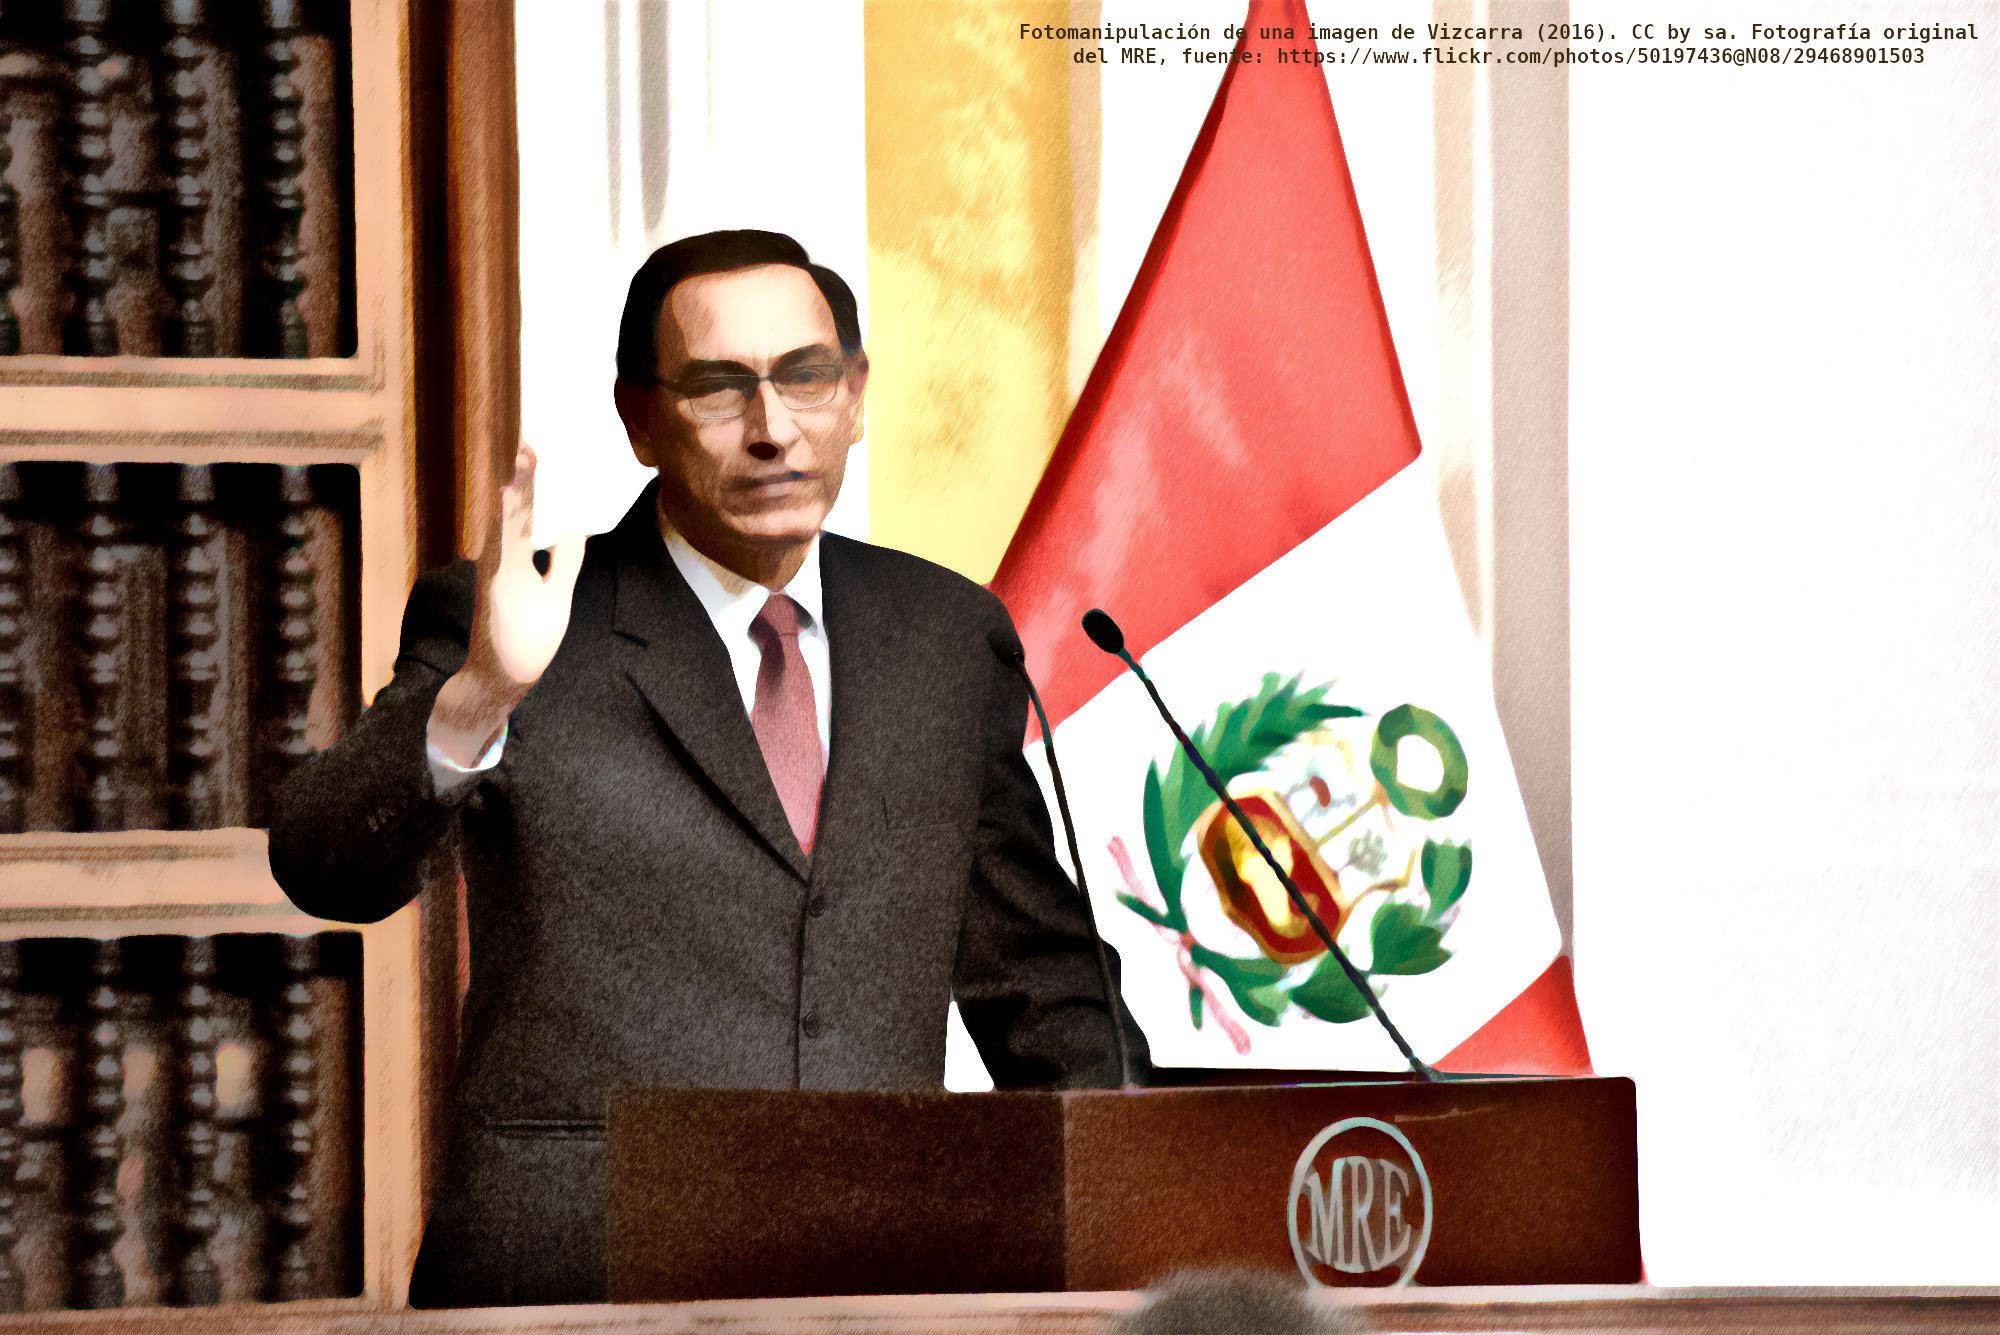 Vizcarra presidente (fotomanipulación)